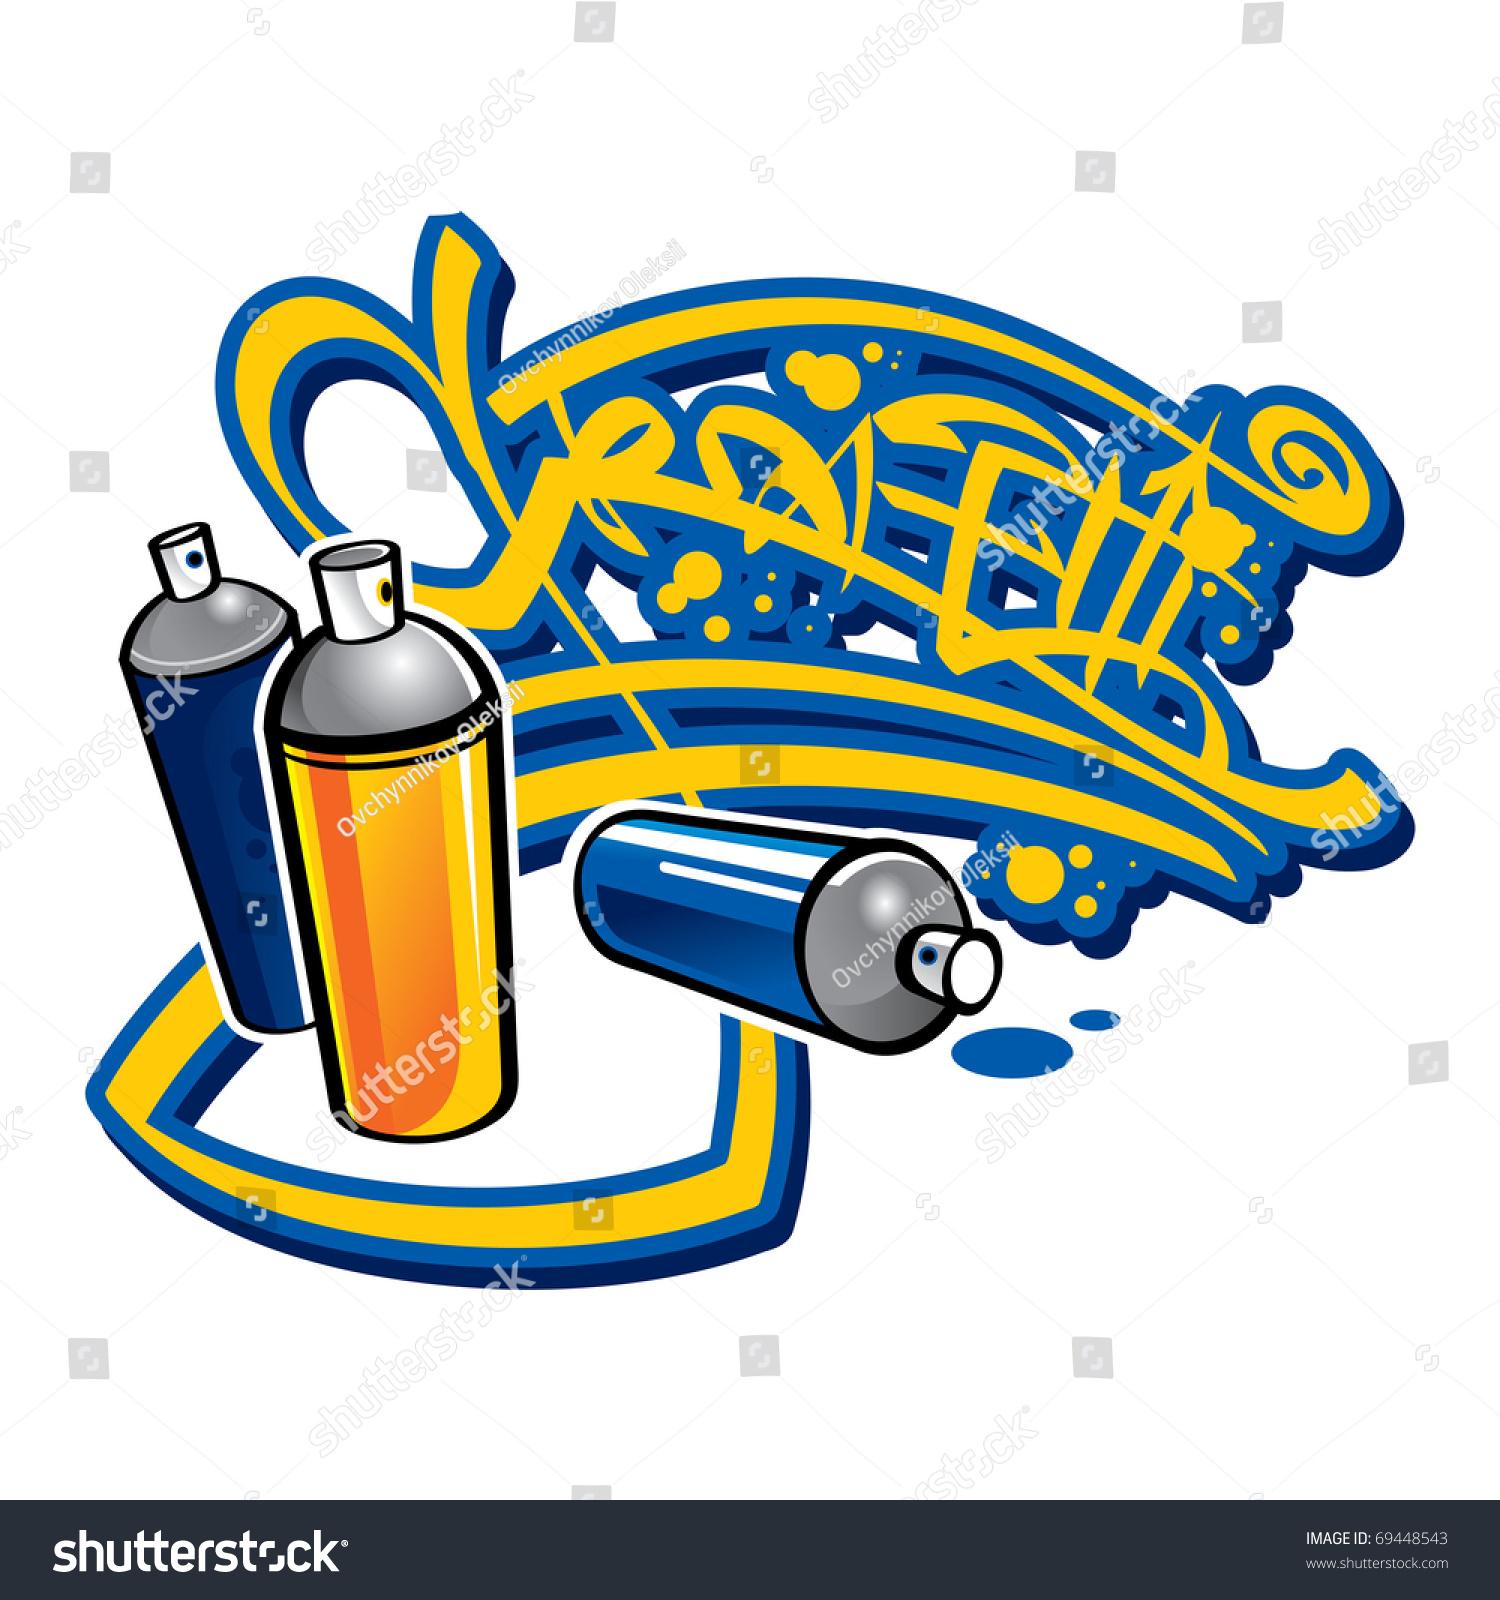 Graffiti Spray Cans Brick Wall Street Paint Stock Vector Illustration 69448543 Shutterstock